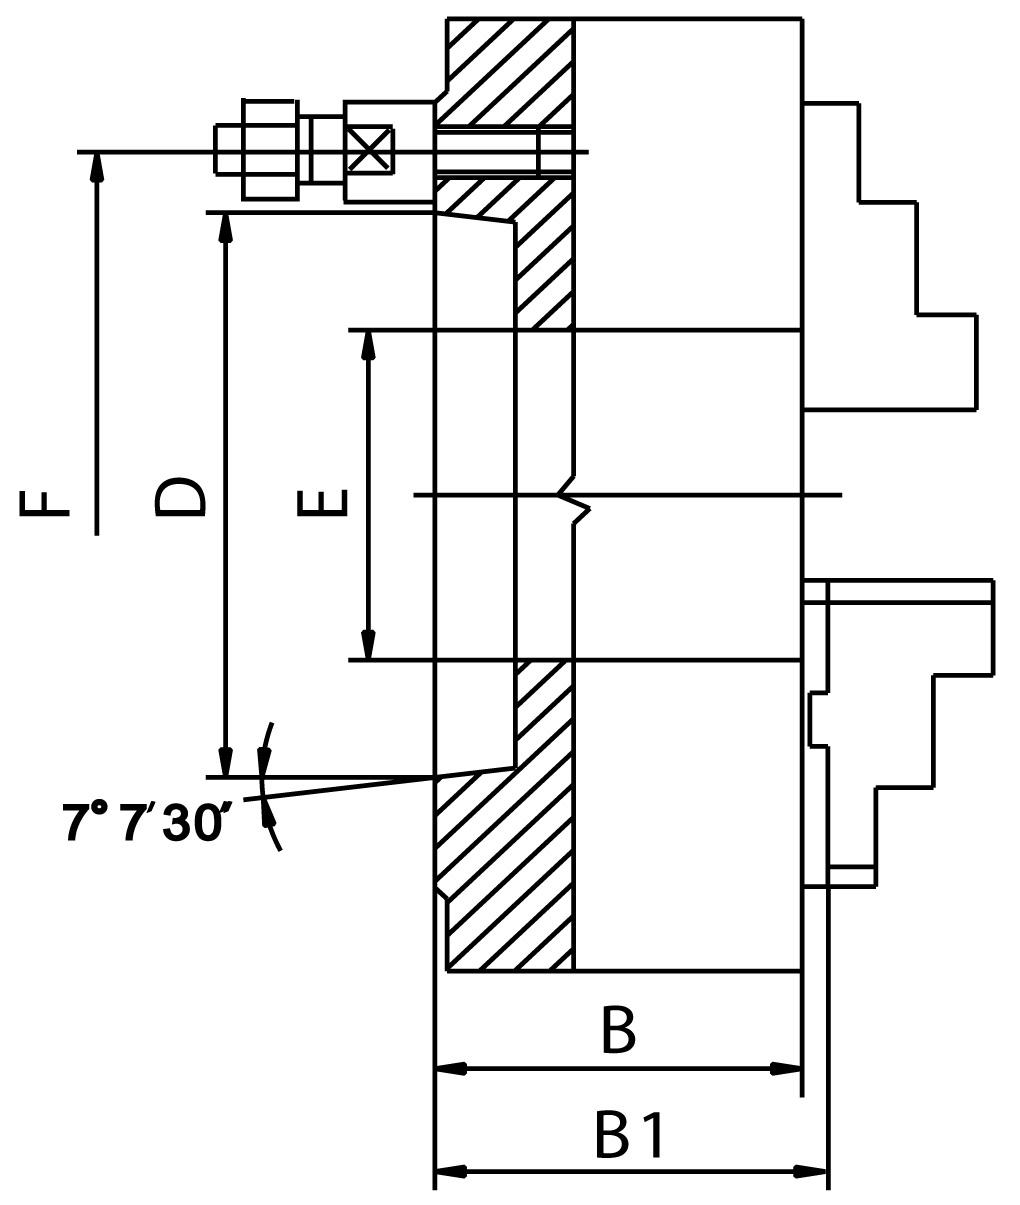 """Смотреть фото №1 для Токарный четырехкулачковый патрон D=400-11\ mm (55027) - STEEL-ZE-8457-411"""""""